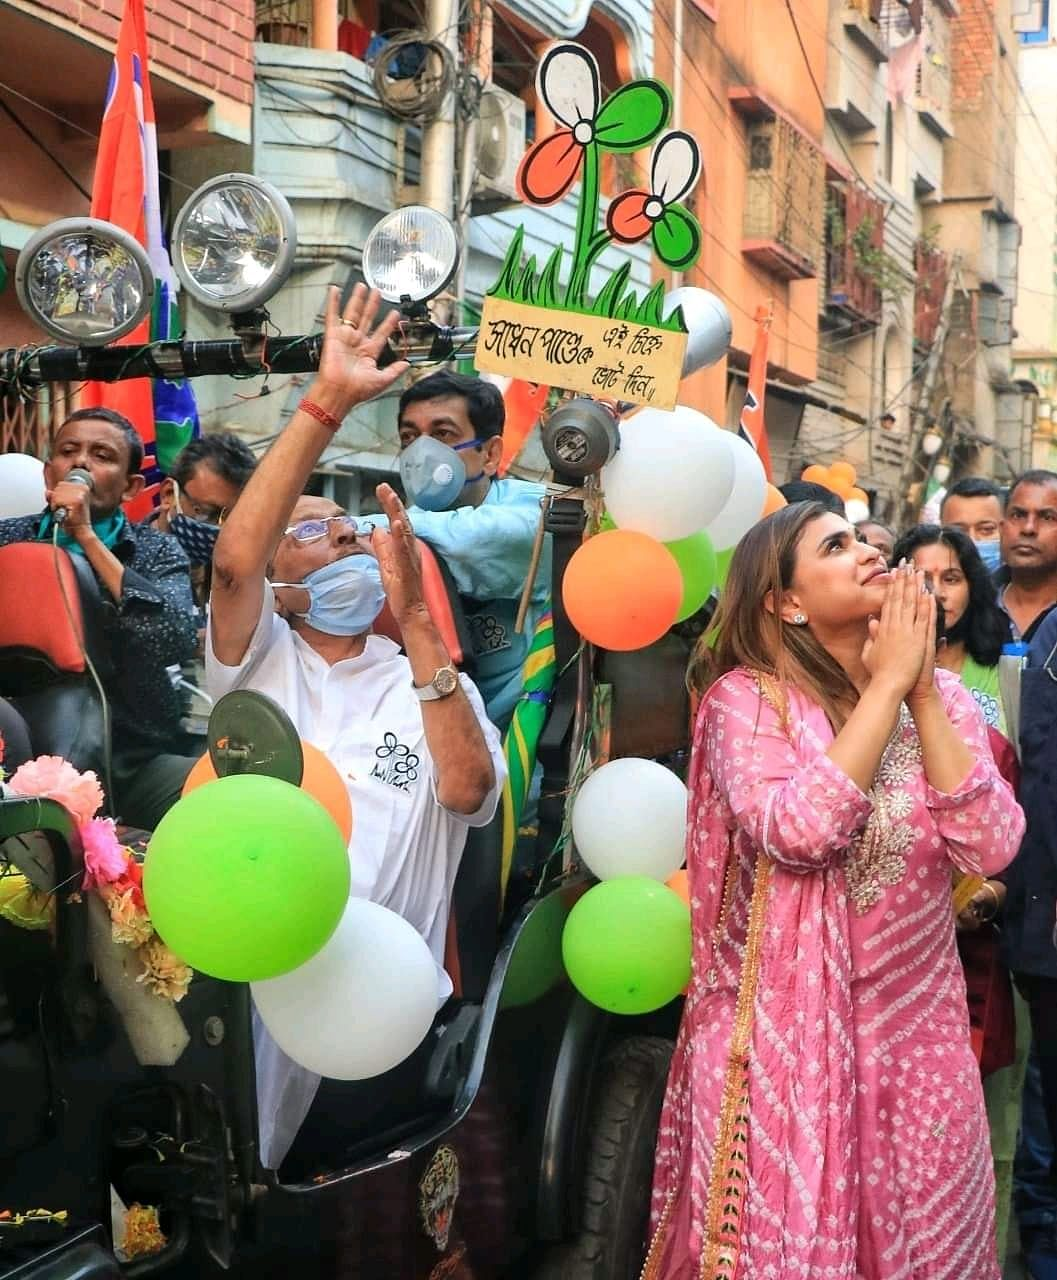 वोटों की गिनती के बीच कोलकाता के इस काउंटिंग सेंटर के भीतर गूंजा 'जय बांग्ला' और 'Khela Hobe' का नारा